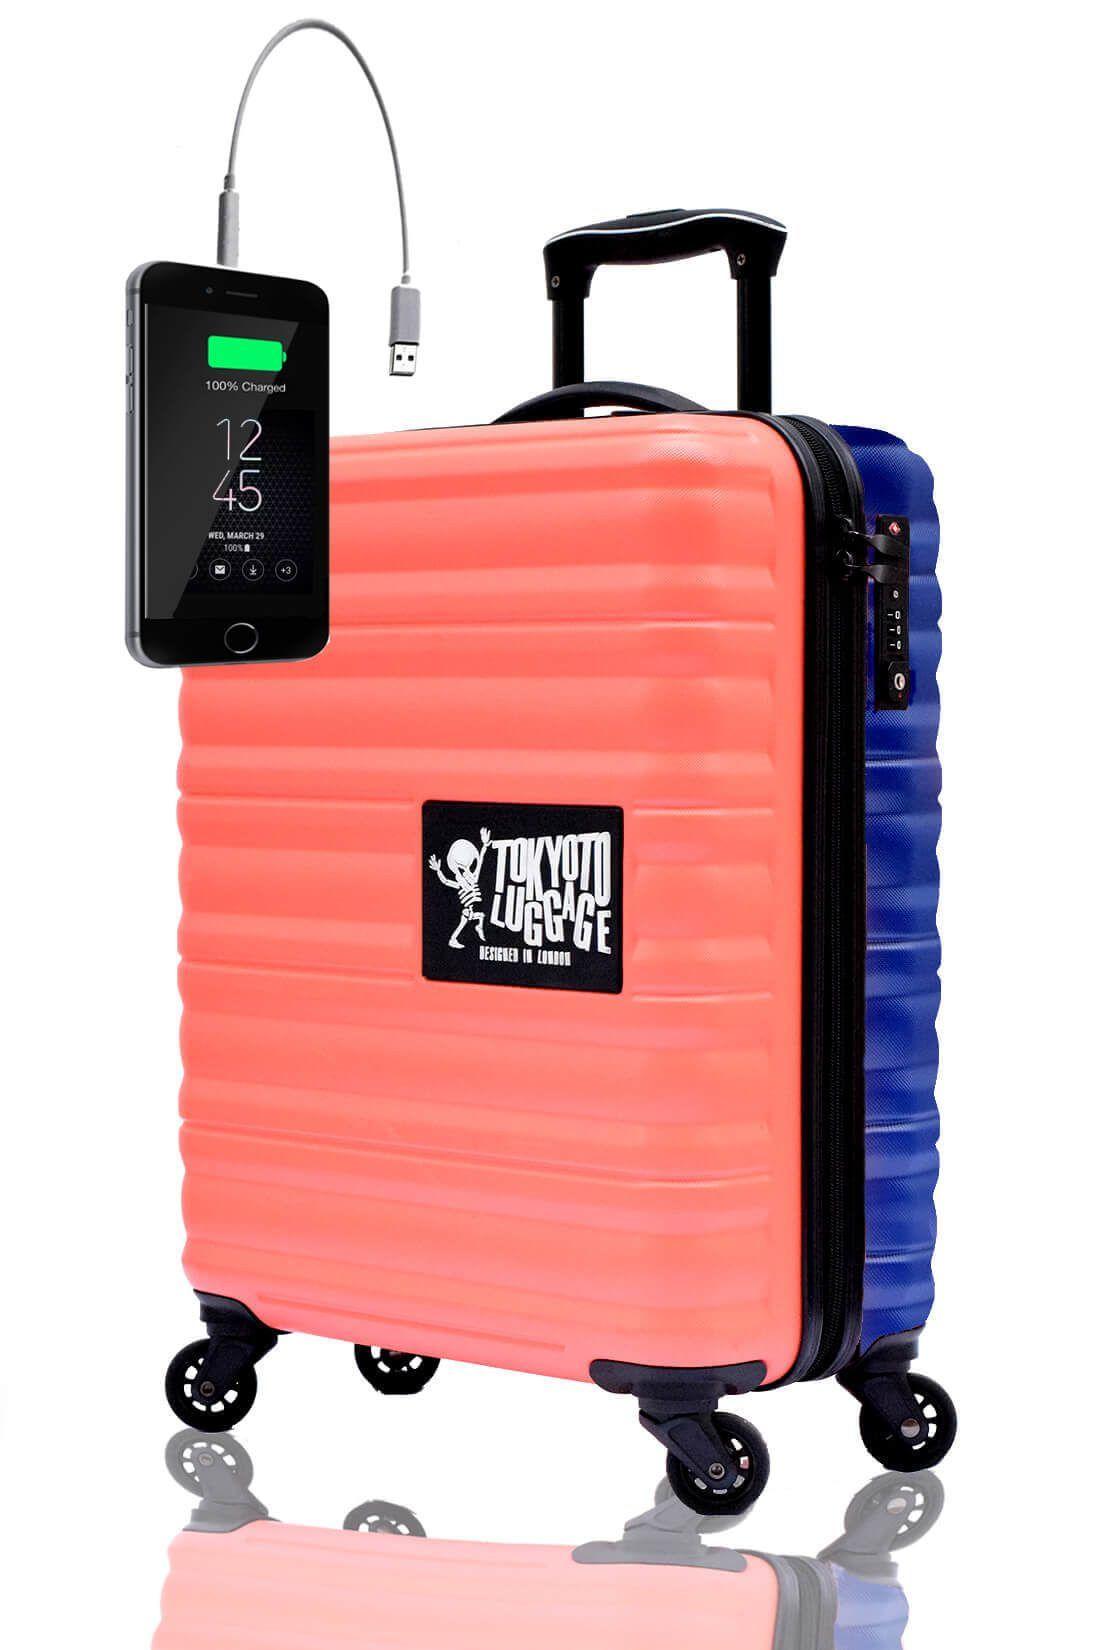 Valigia Trolley da cabina divertimento online per giovani urbani con caricatore usb TOKYOTO LUGGAGE Coral Blue 2